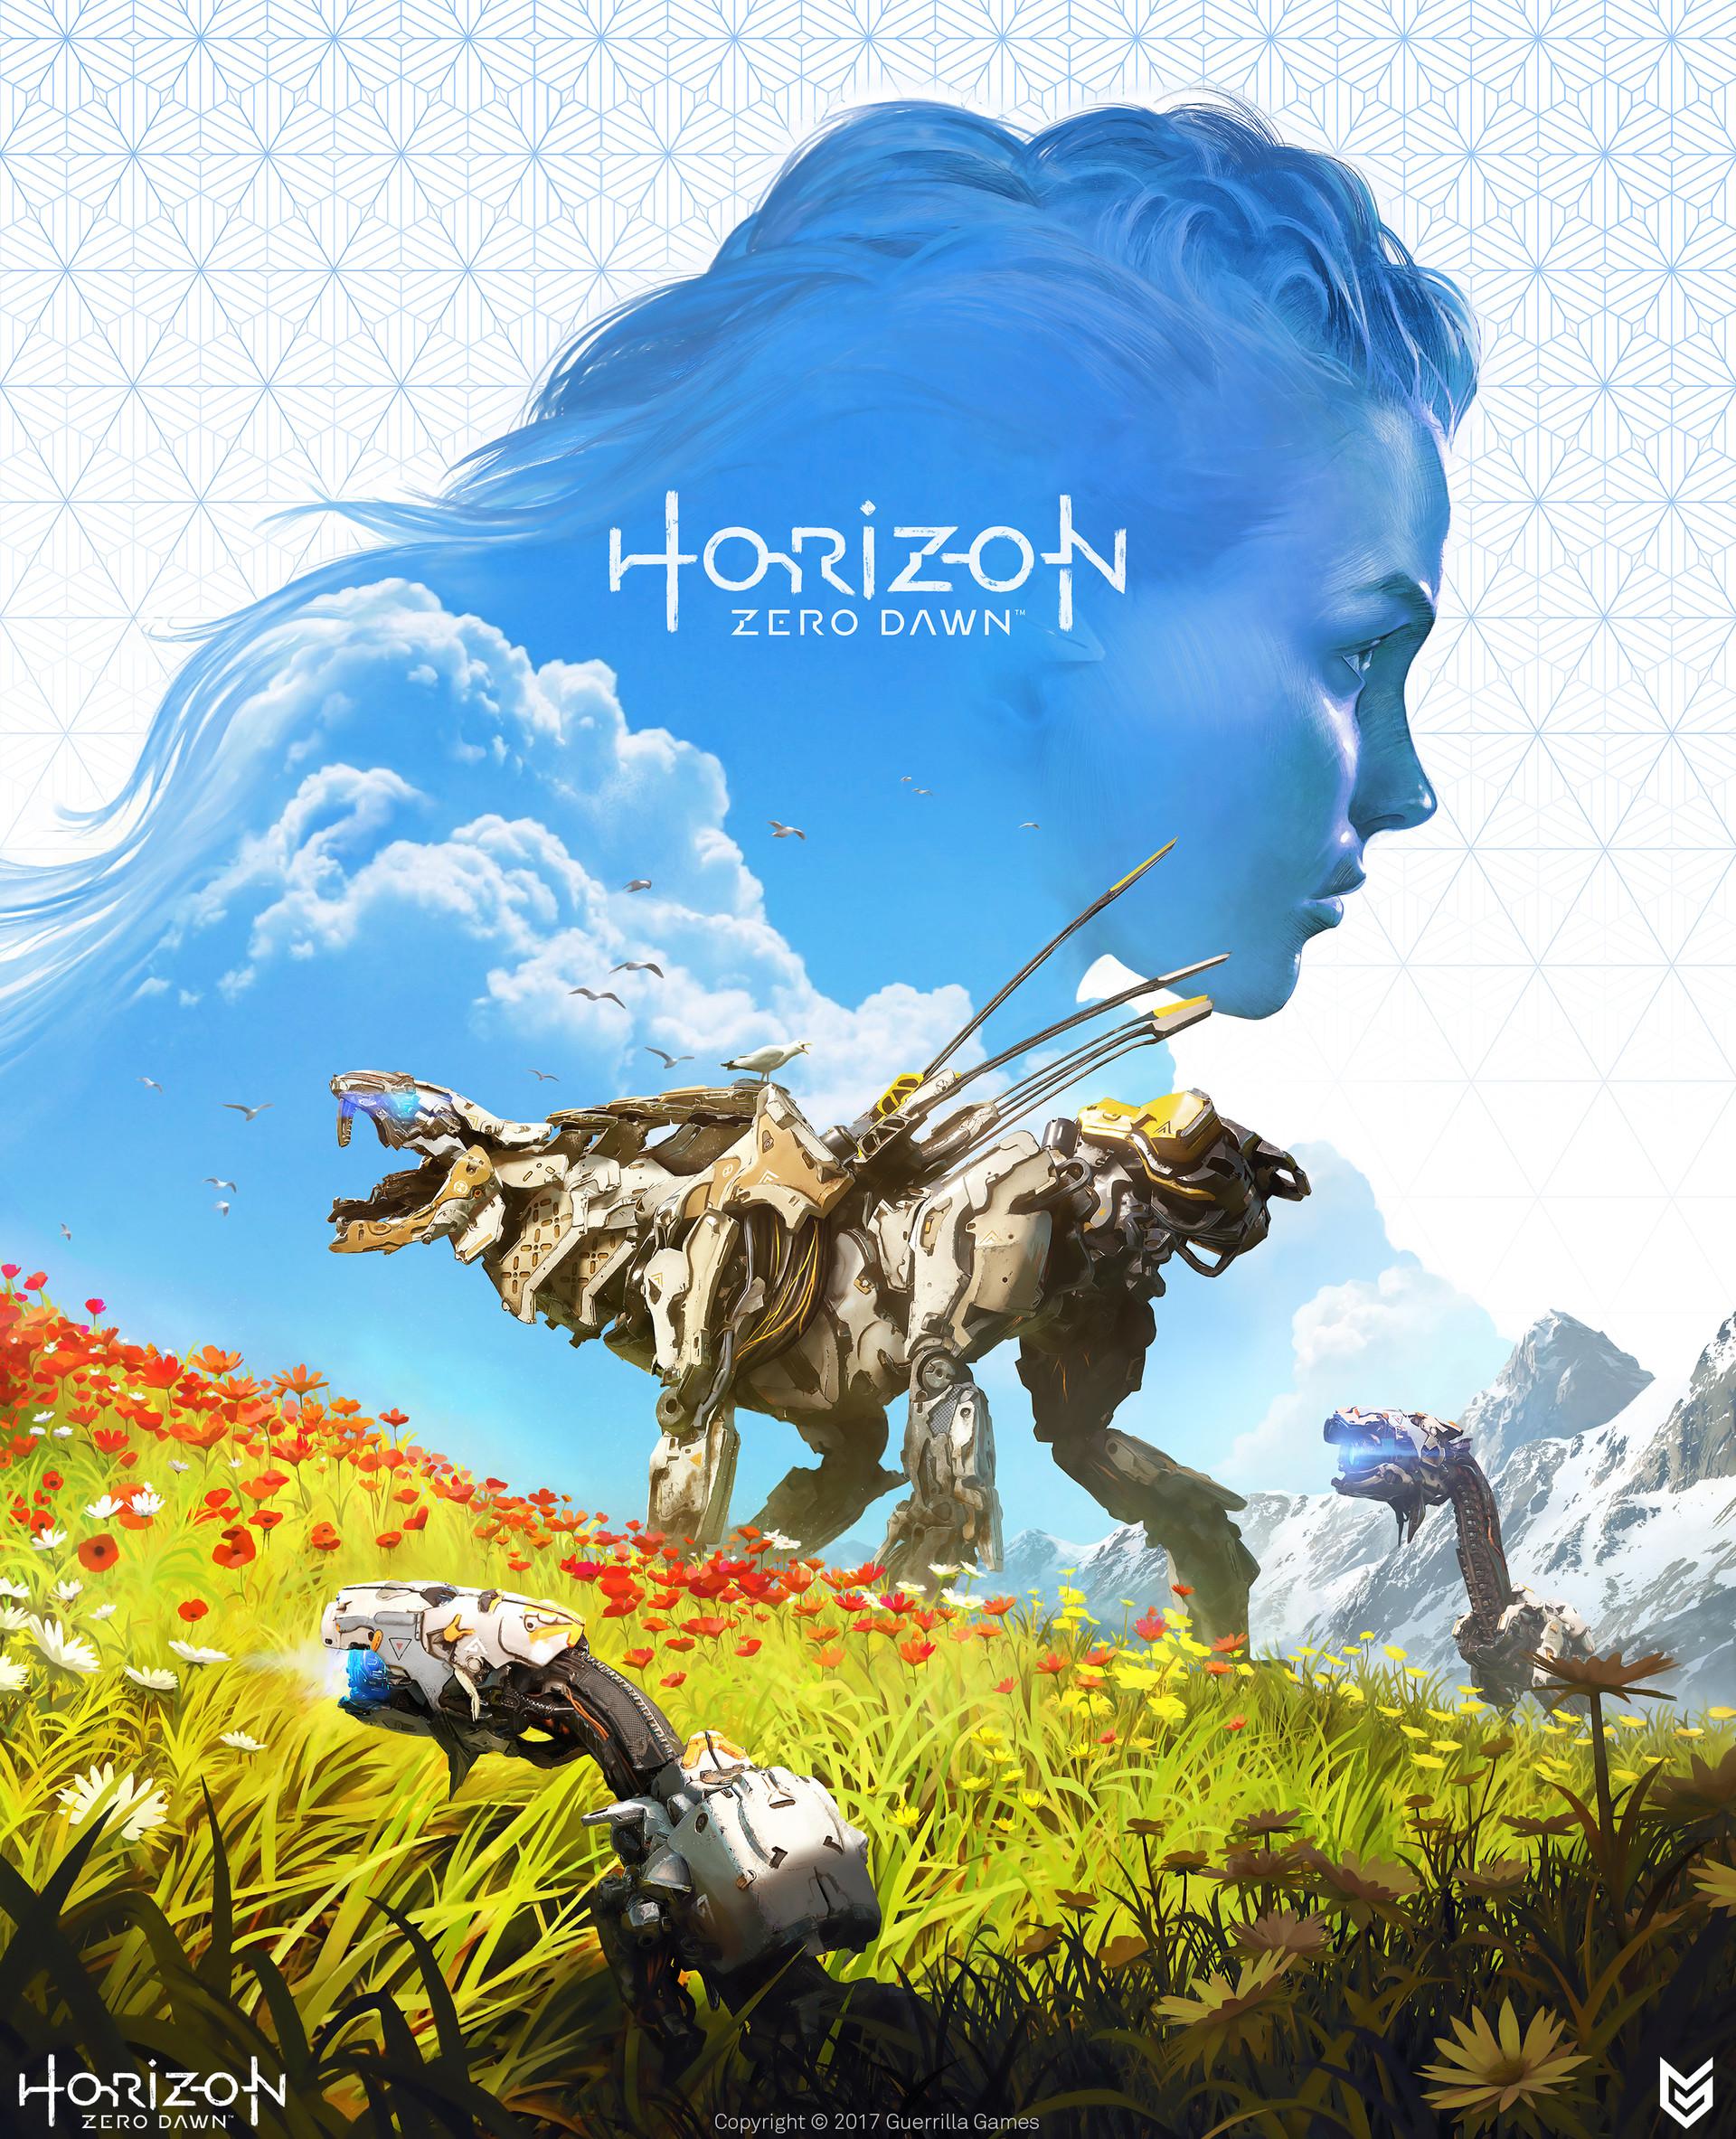 سازندگان Horizon Zero Dawn روی عنوان جهان باز جدیدی کار میکنند